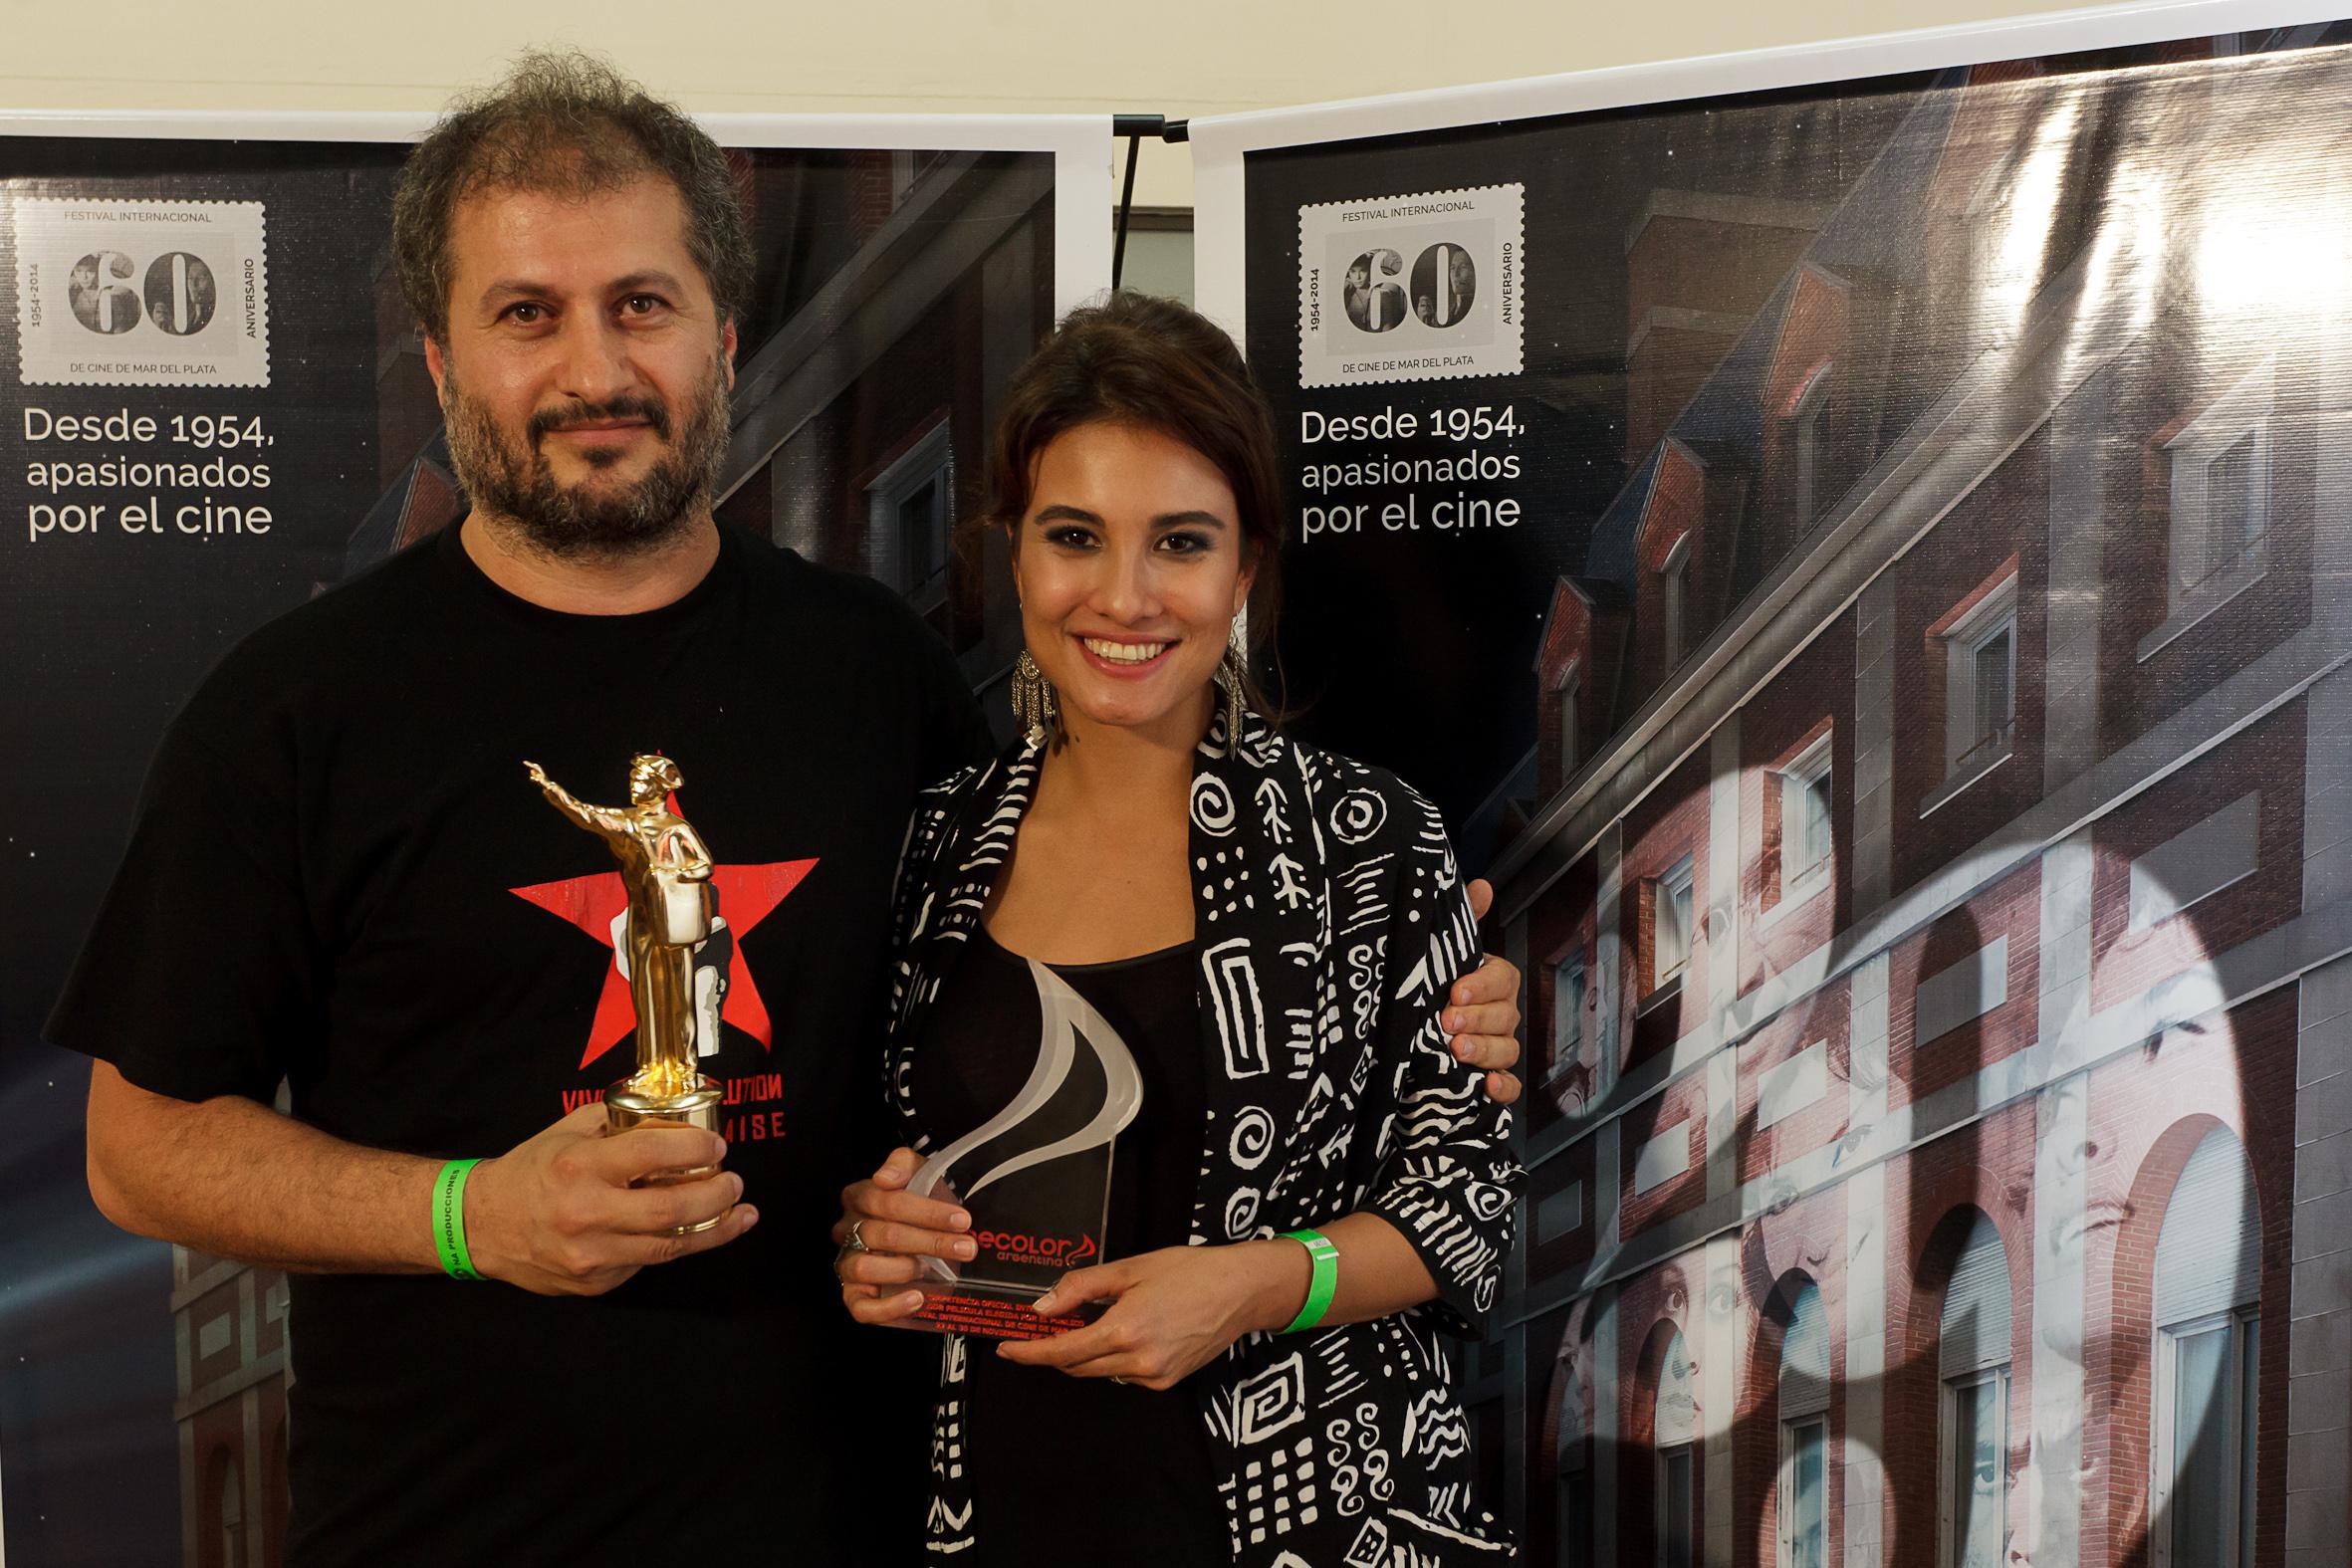 Festival Internacional de Cine de Mar del Plata: Y los ganadores son…